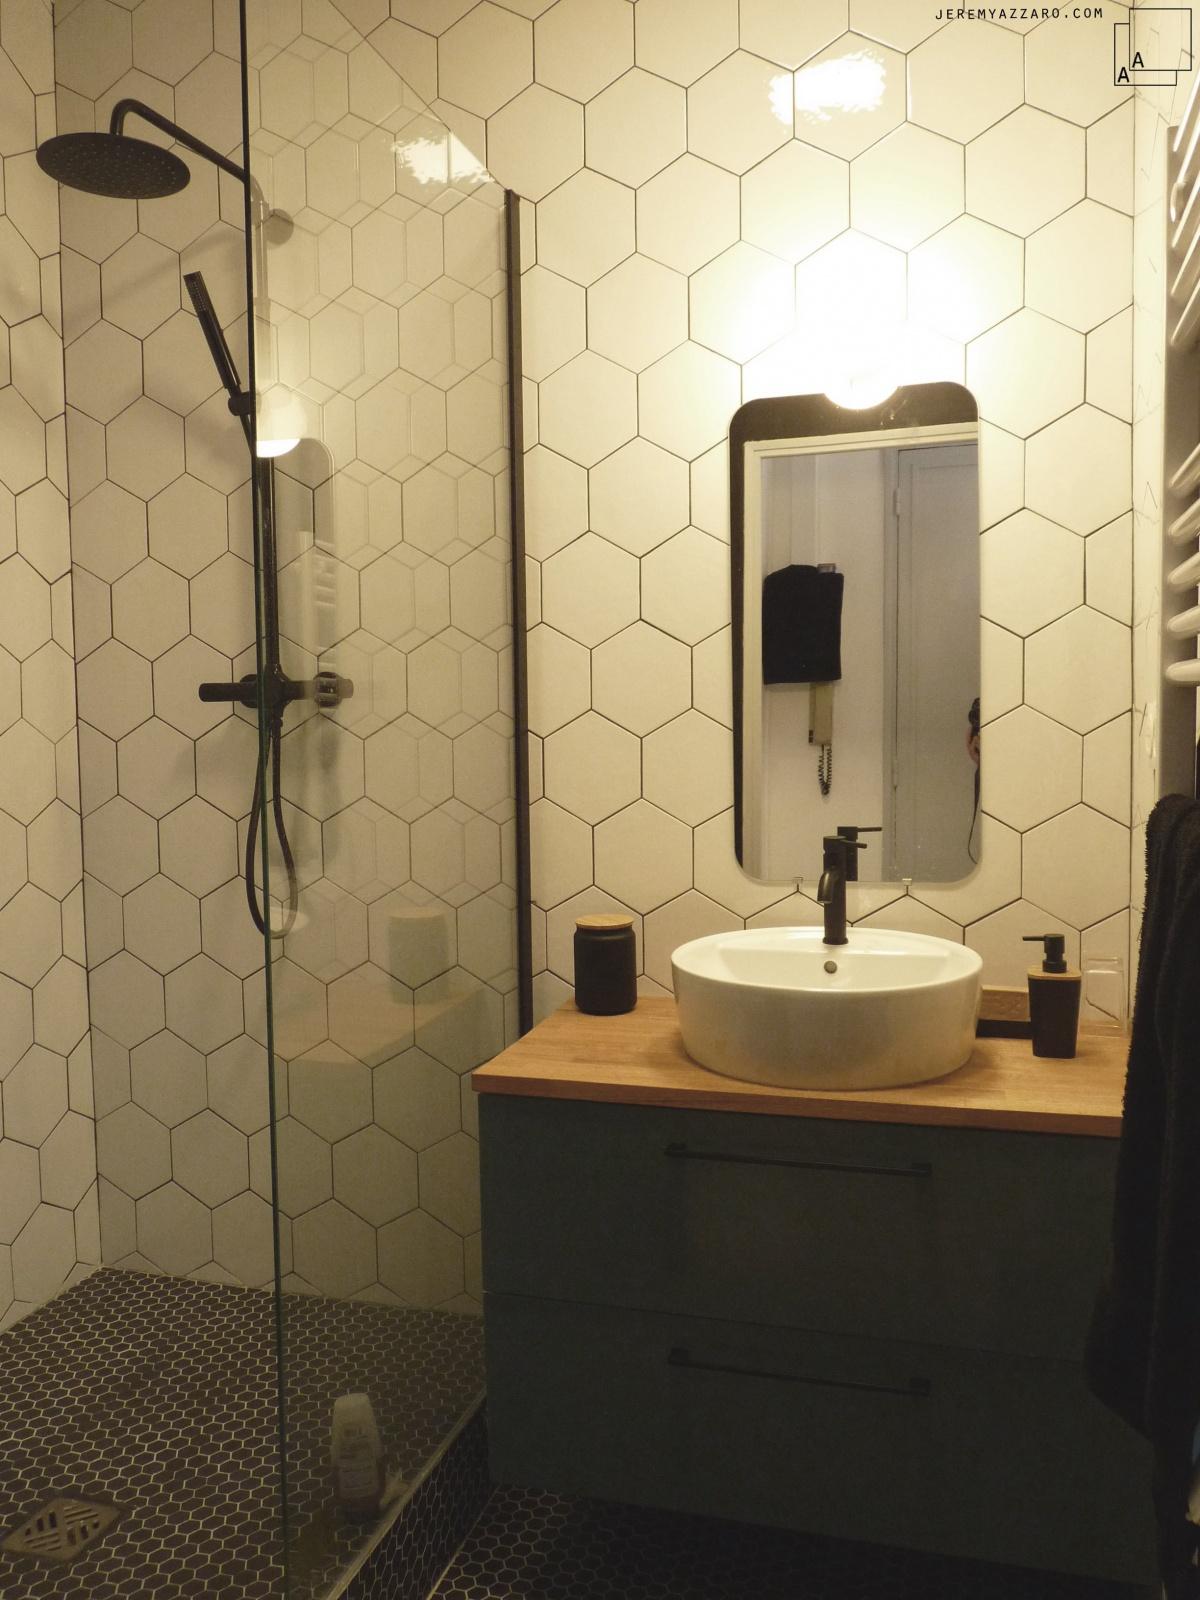 Rénovation d'un appartement « couleurs palais » : salledebain-tomette-douche-italienne-azzaro-architecte-min